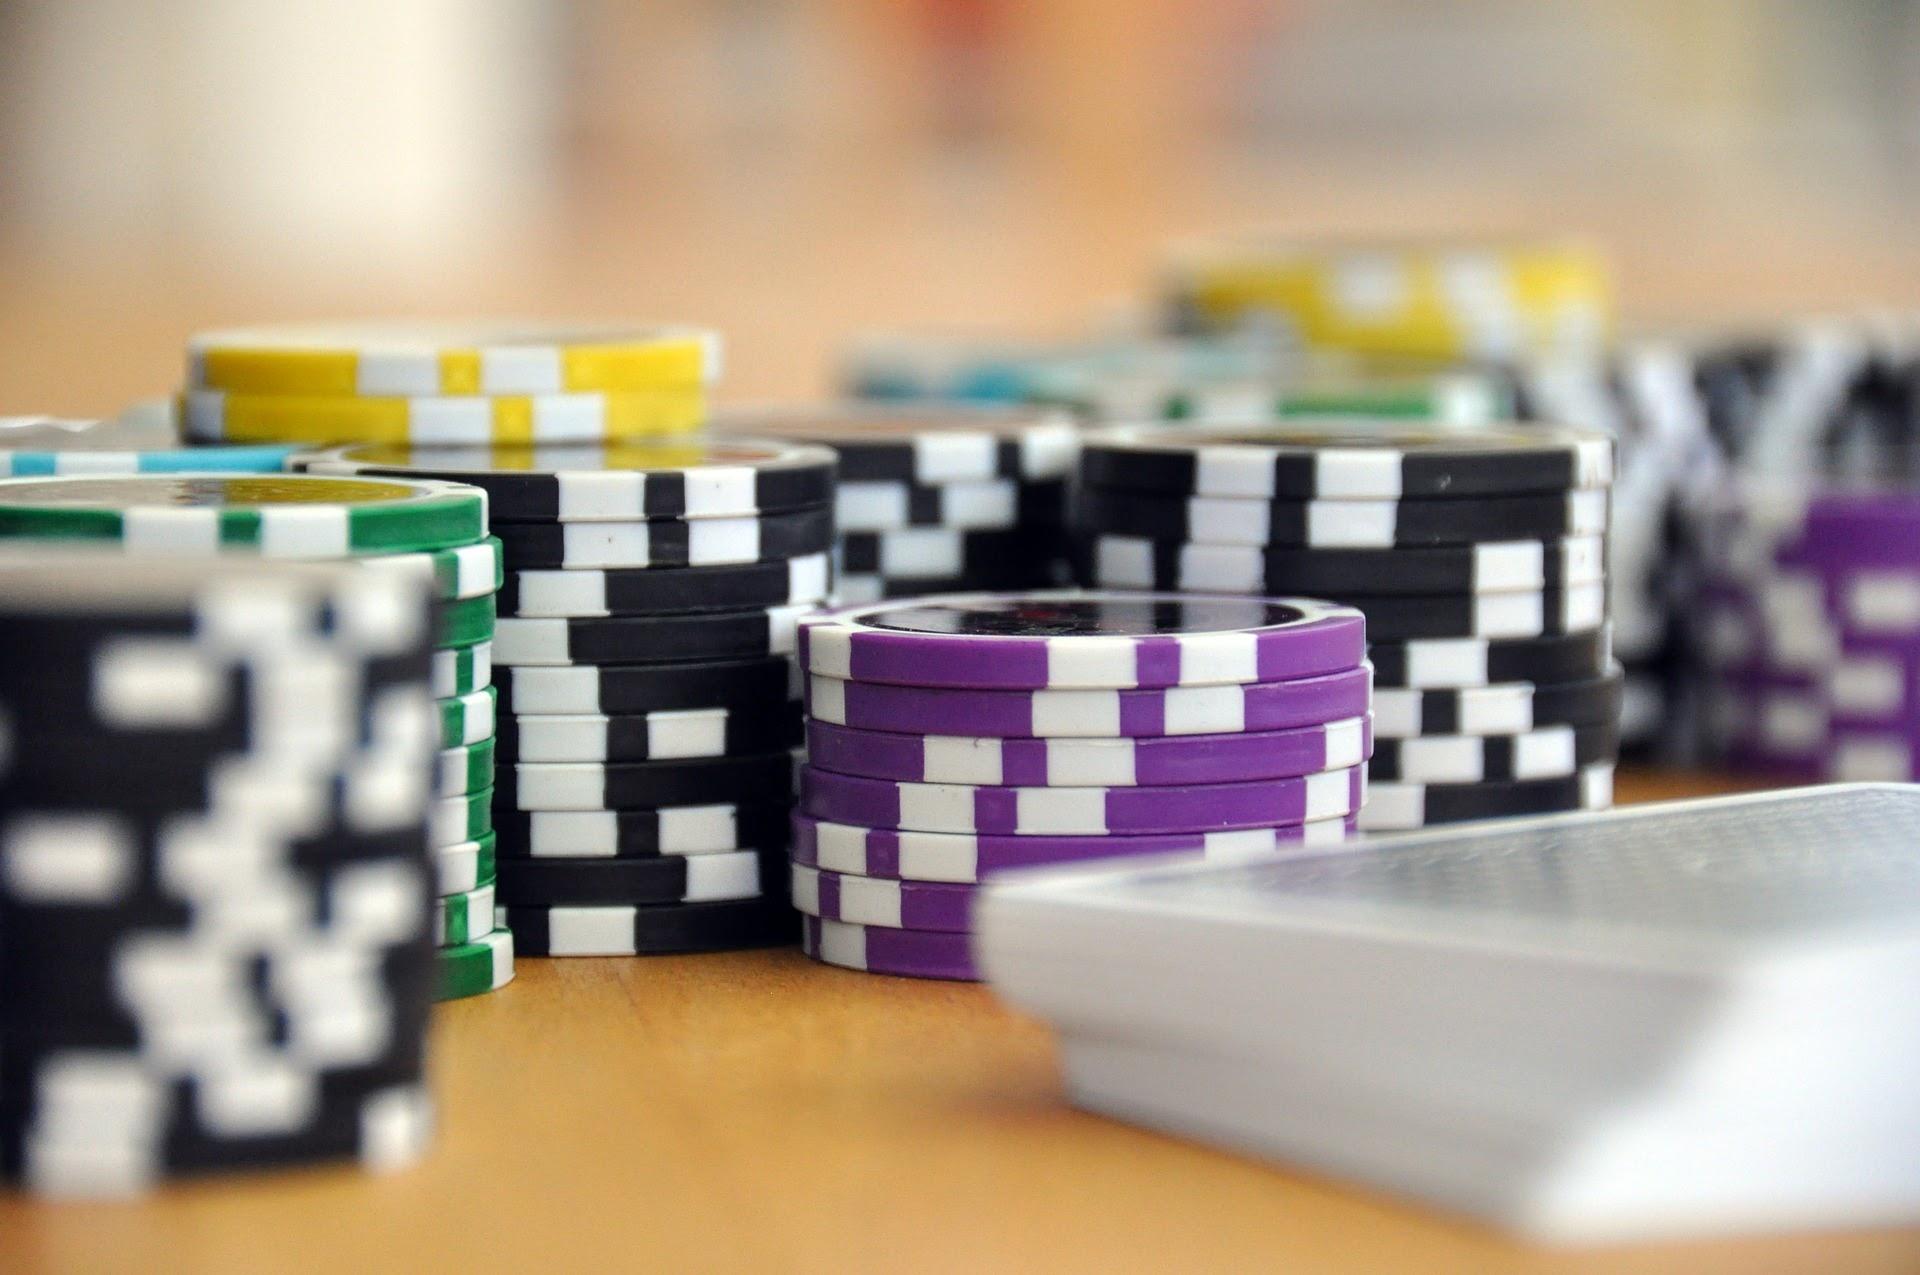 South Media OÜ se relanza con Casinos-España.es